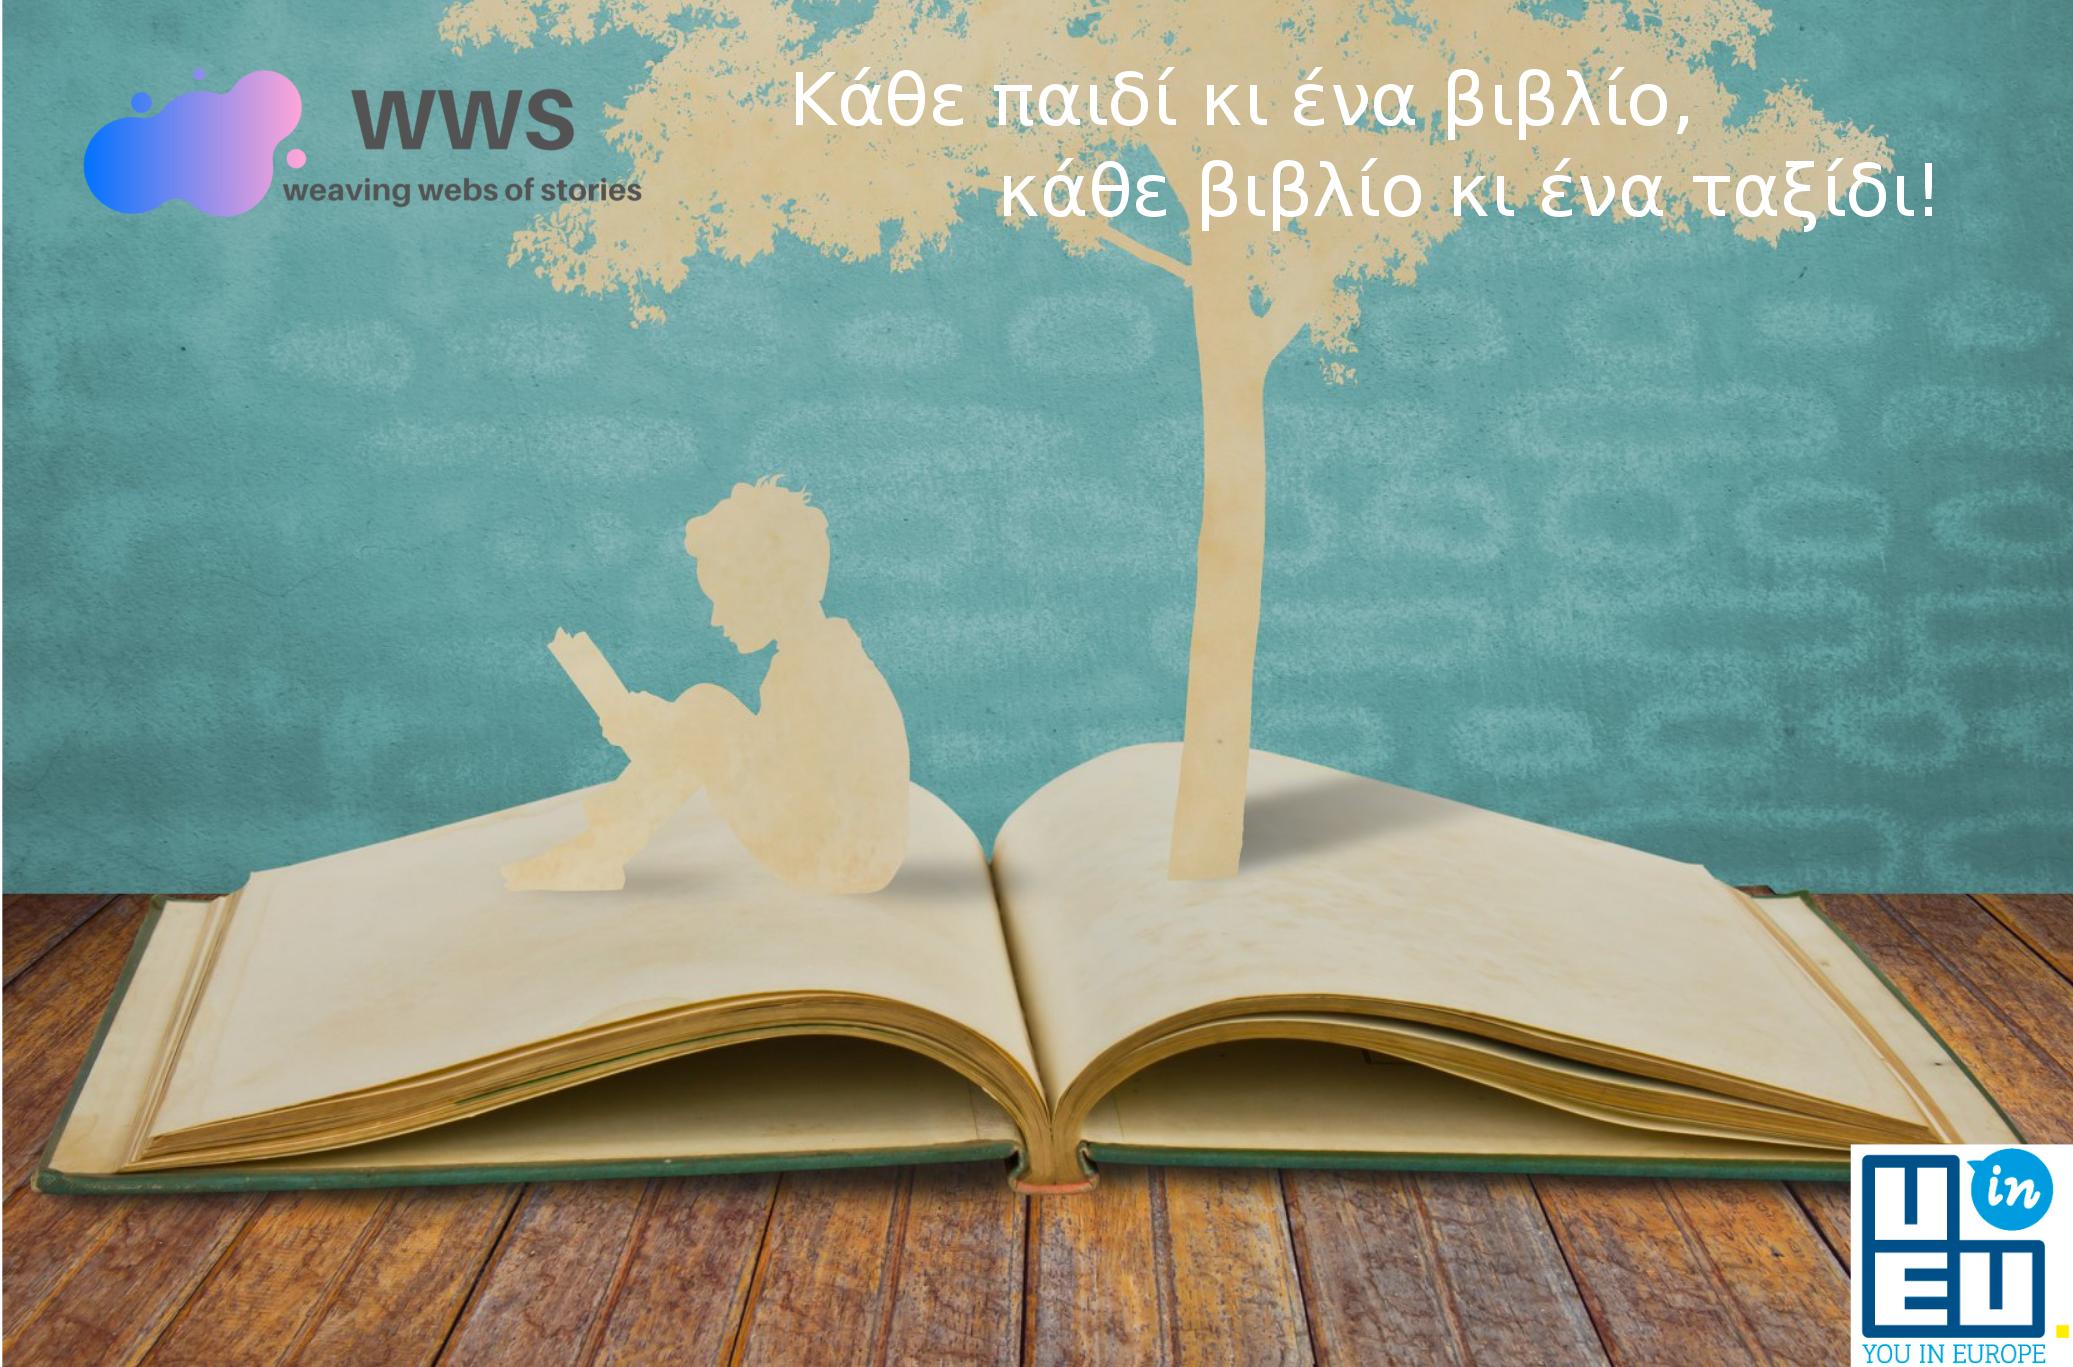 Αλλάζοντας το μέλλον, αγκαλιά με ένα βιβλίο! Δράσεις φιλαναγνωσίας σε δομές  της Άρσις - You in Europe